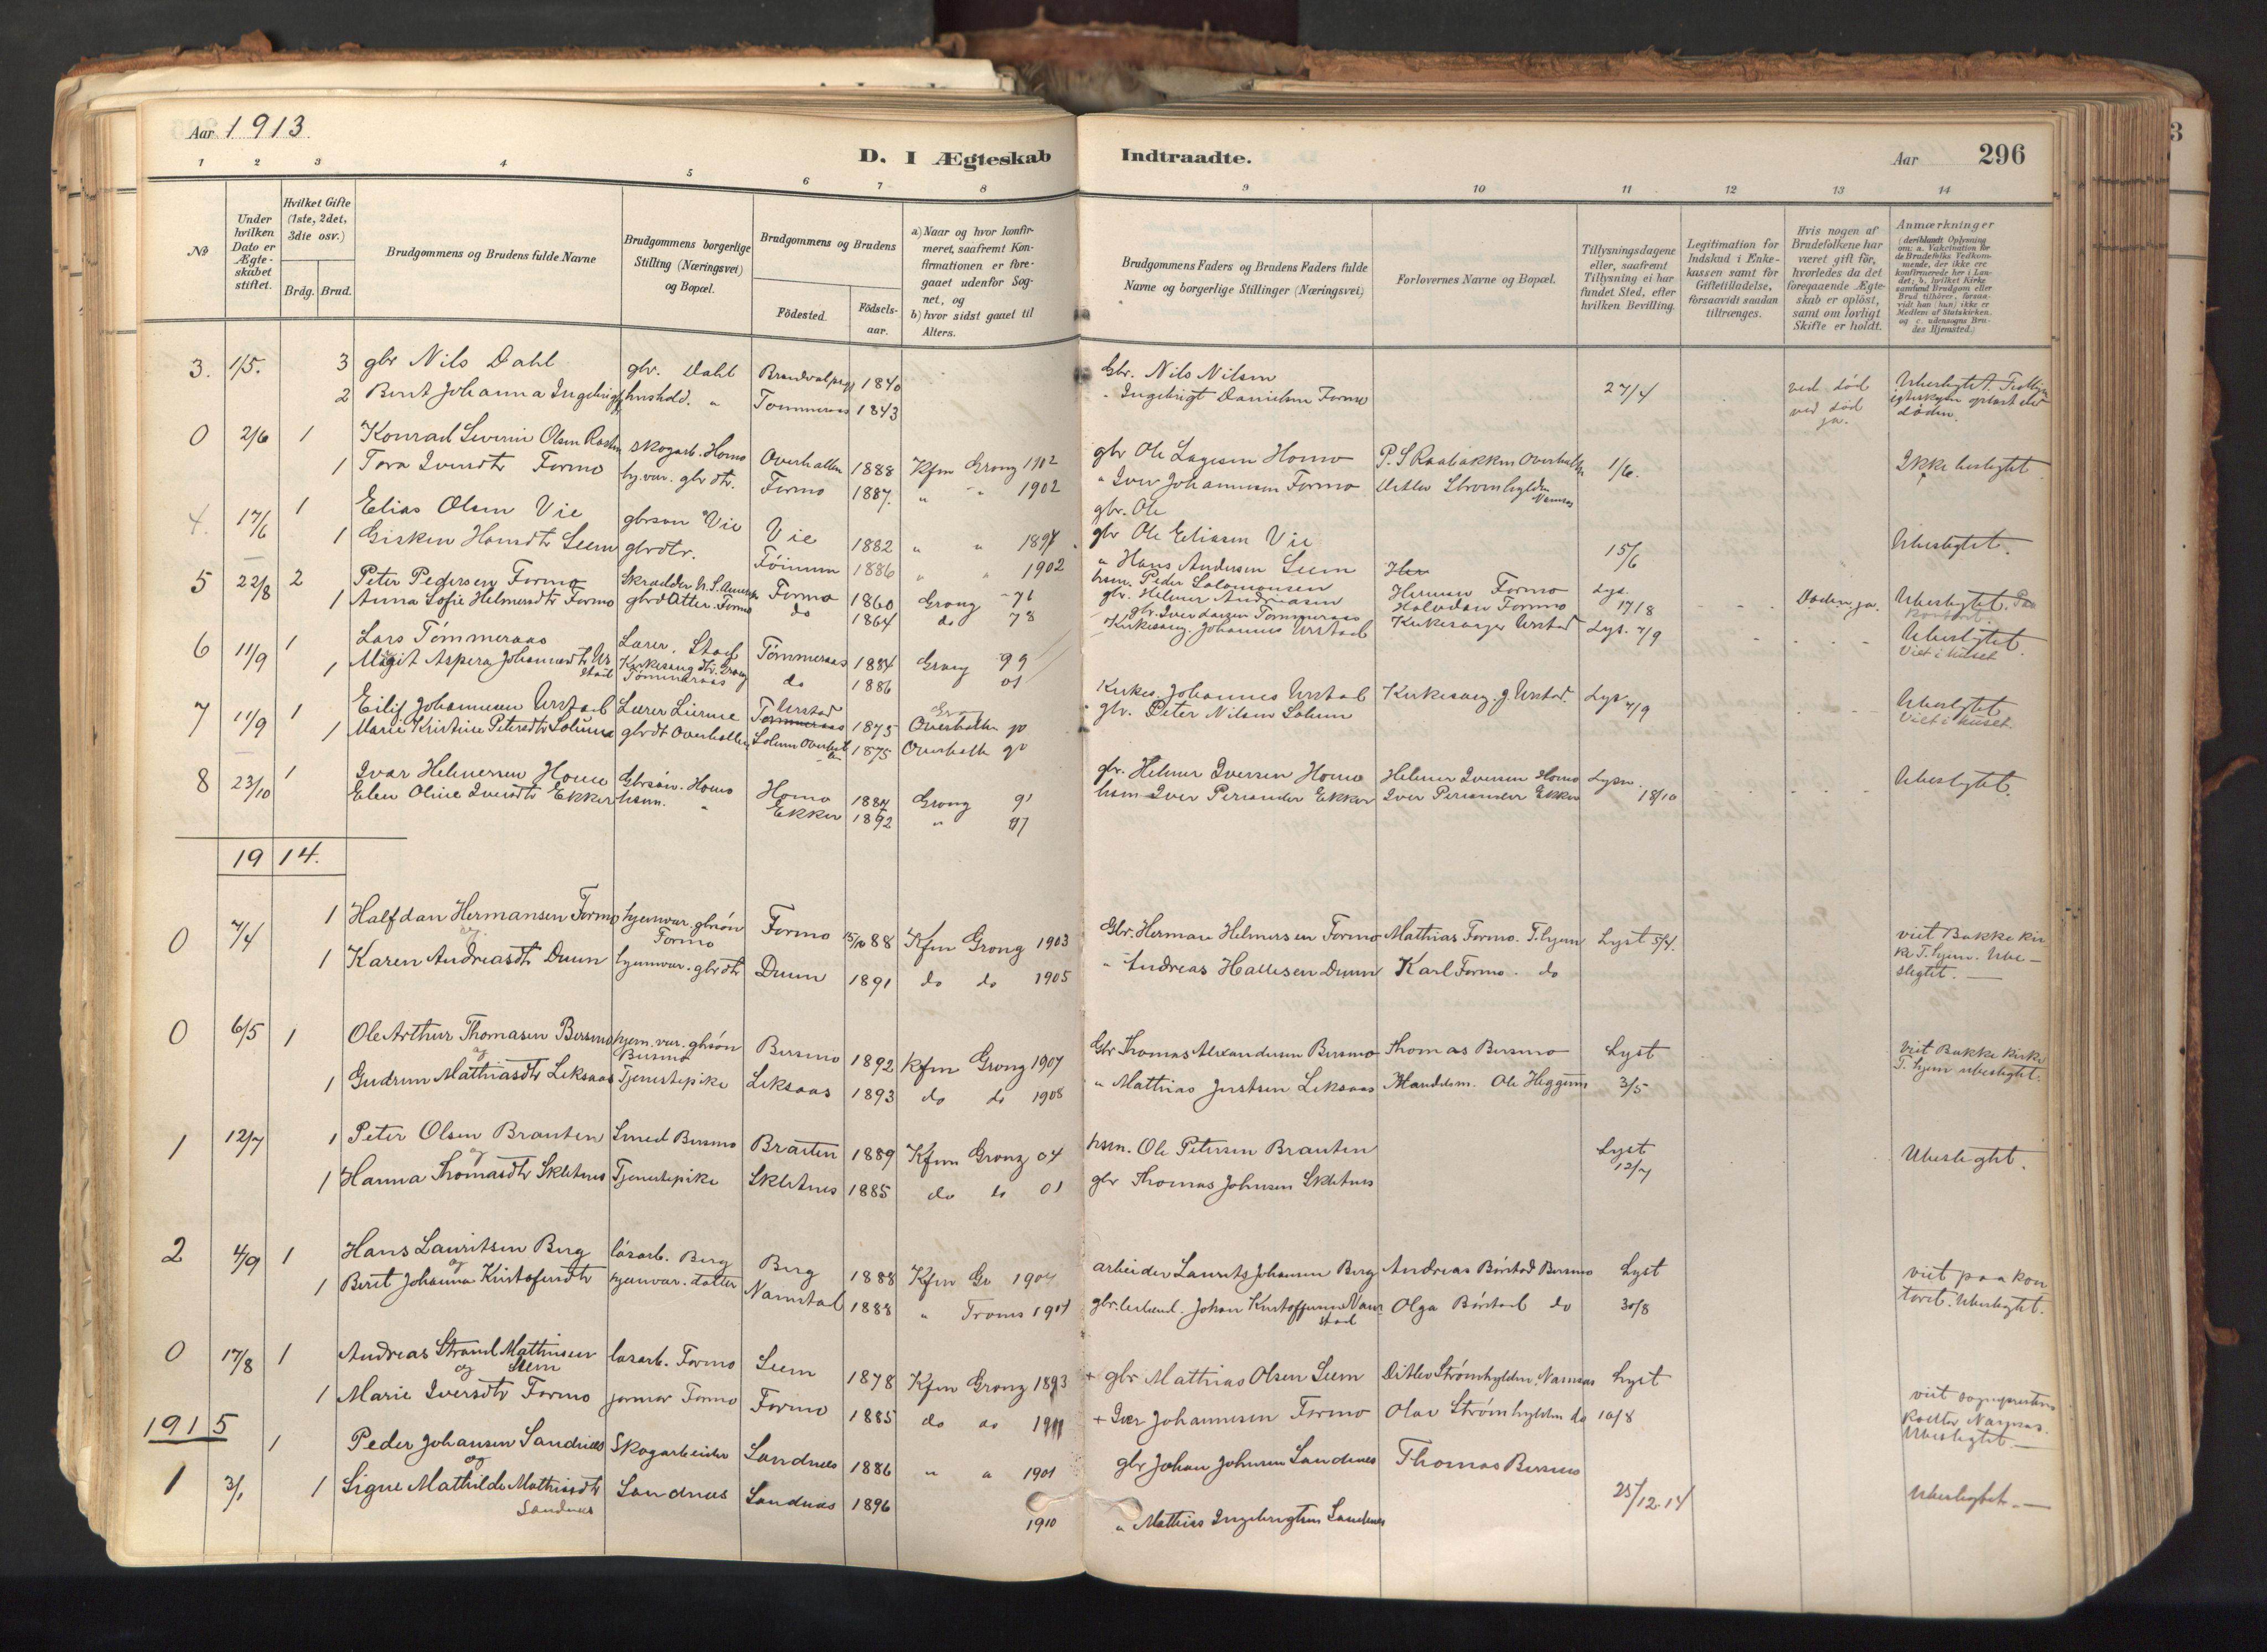 SAT, Ministerialprotokoller, klokkerbøker og fødselsregistre - Nord-Trøndelag, 758/L0519: Ministerialbok nr. 758A04, 1880-1926, s. 296